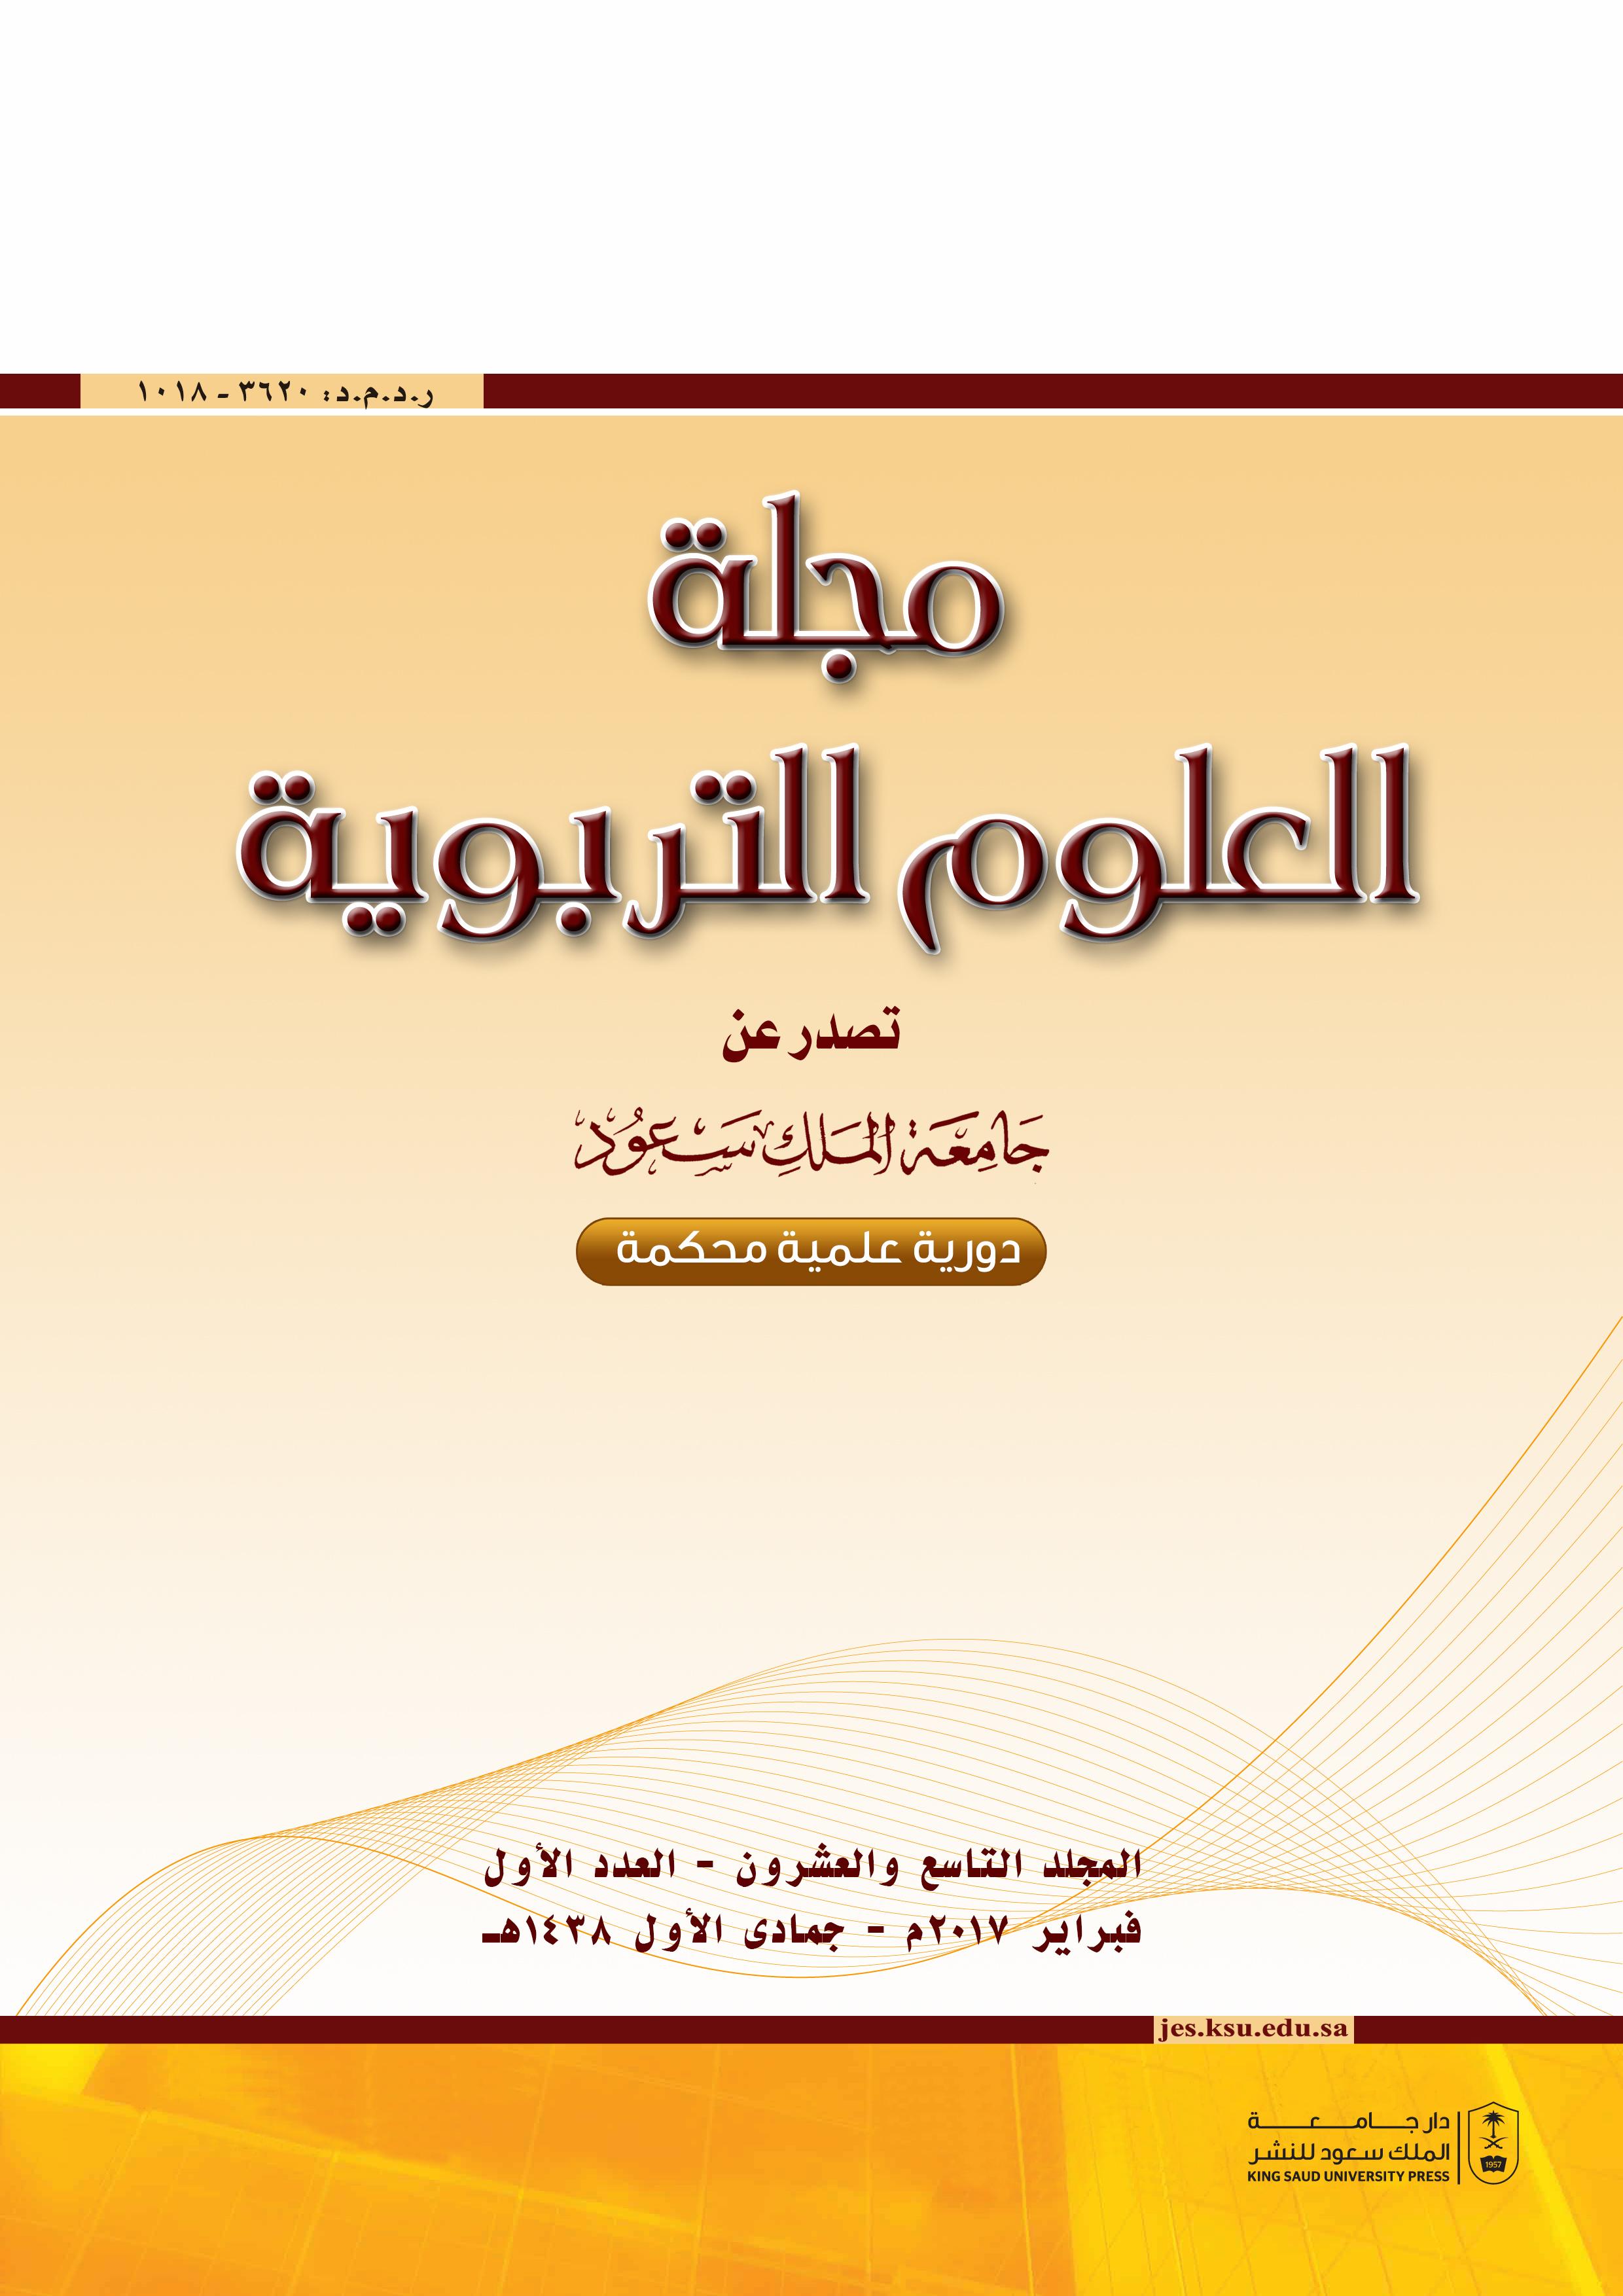 صدور العدد الأول من المجلد التاسع والعشرين  من مجلة العلوم التربوية.